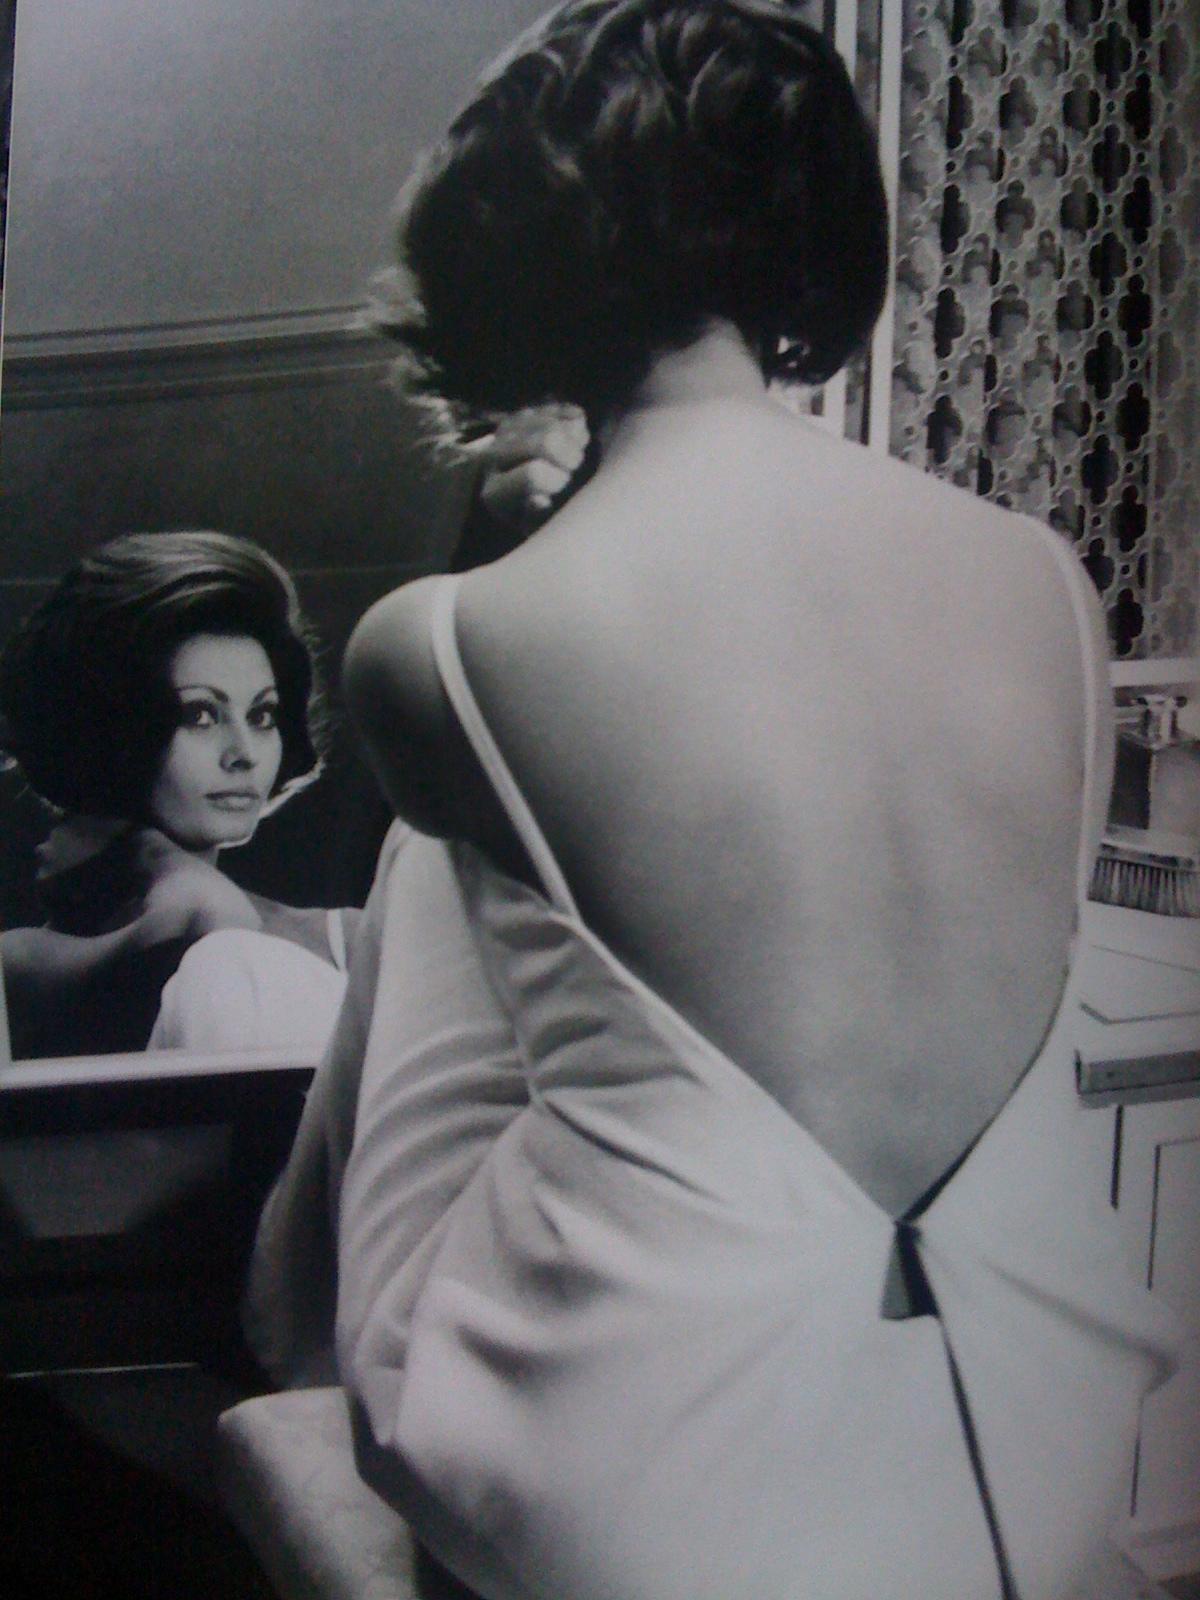 http://3.bp.blogspot.com/_CVuZ8jhSQho/TLiB-eaQLBI/AAAAAAAAAcA/uNB97WlmJEw/s1600/Iphone+Dior+023.jpg